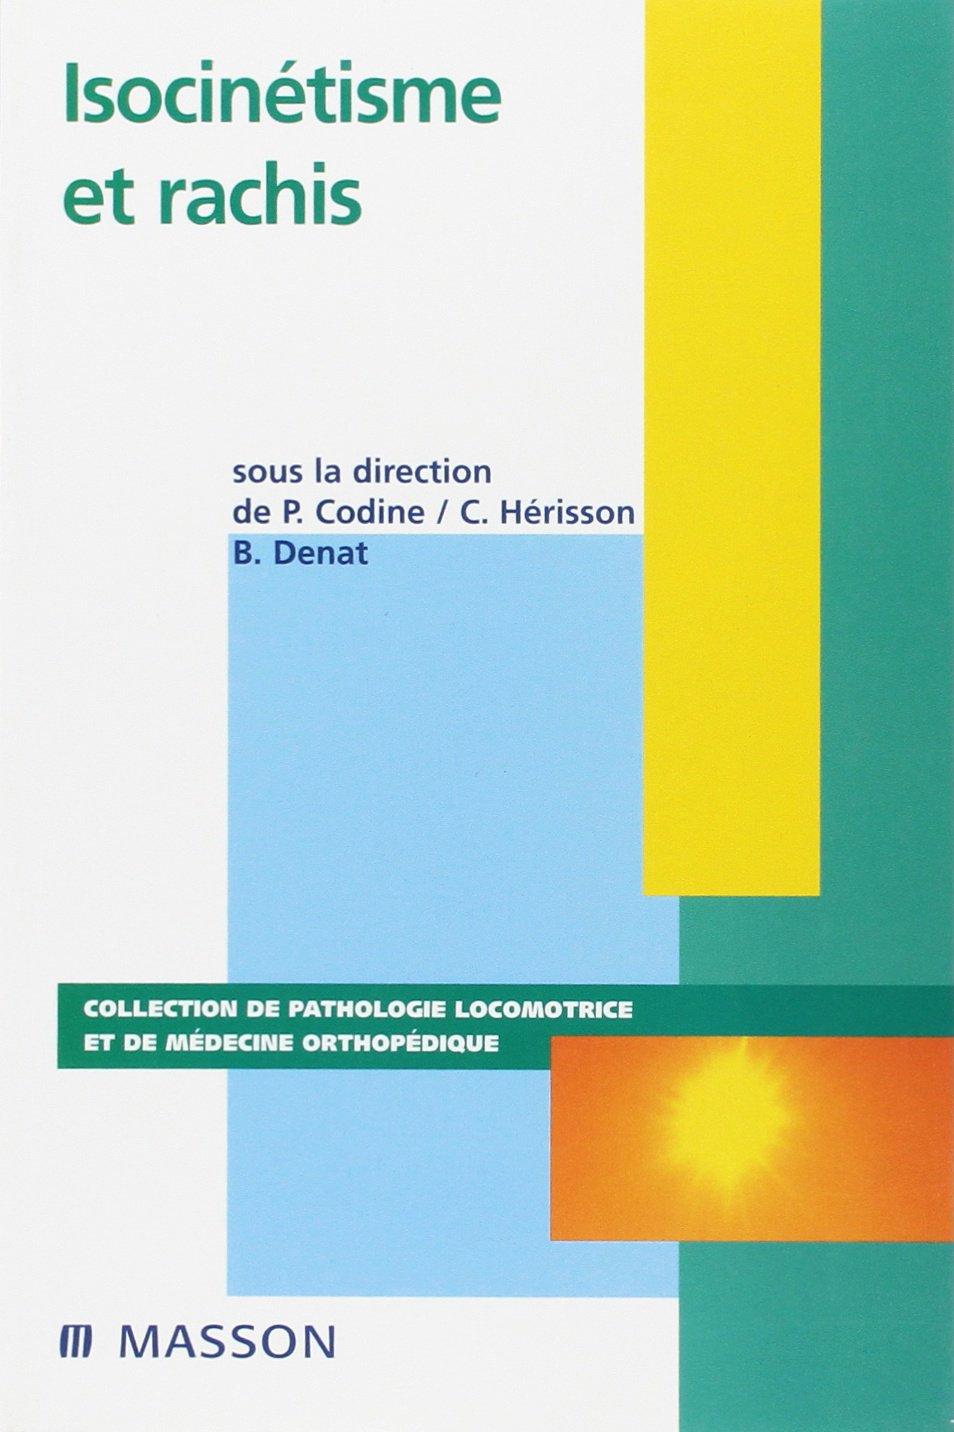 Isocinetisme et rachis Broché – 19 mars 2001 Lucien Simon Editions Masson 2294005899 TL2294005899